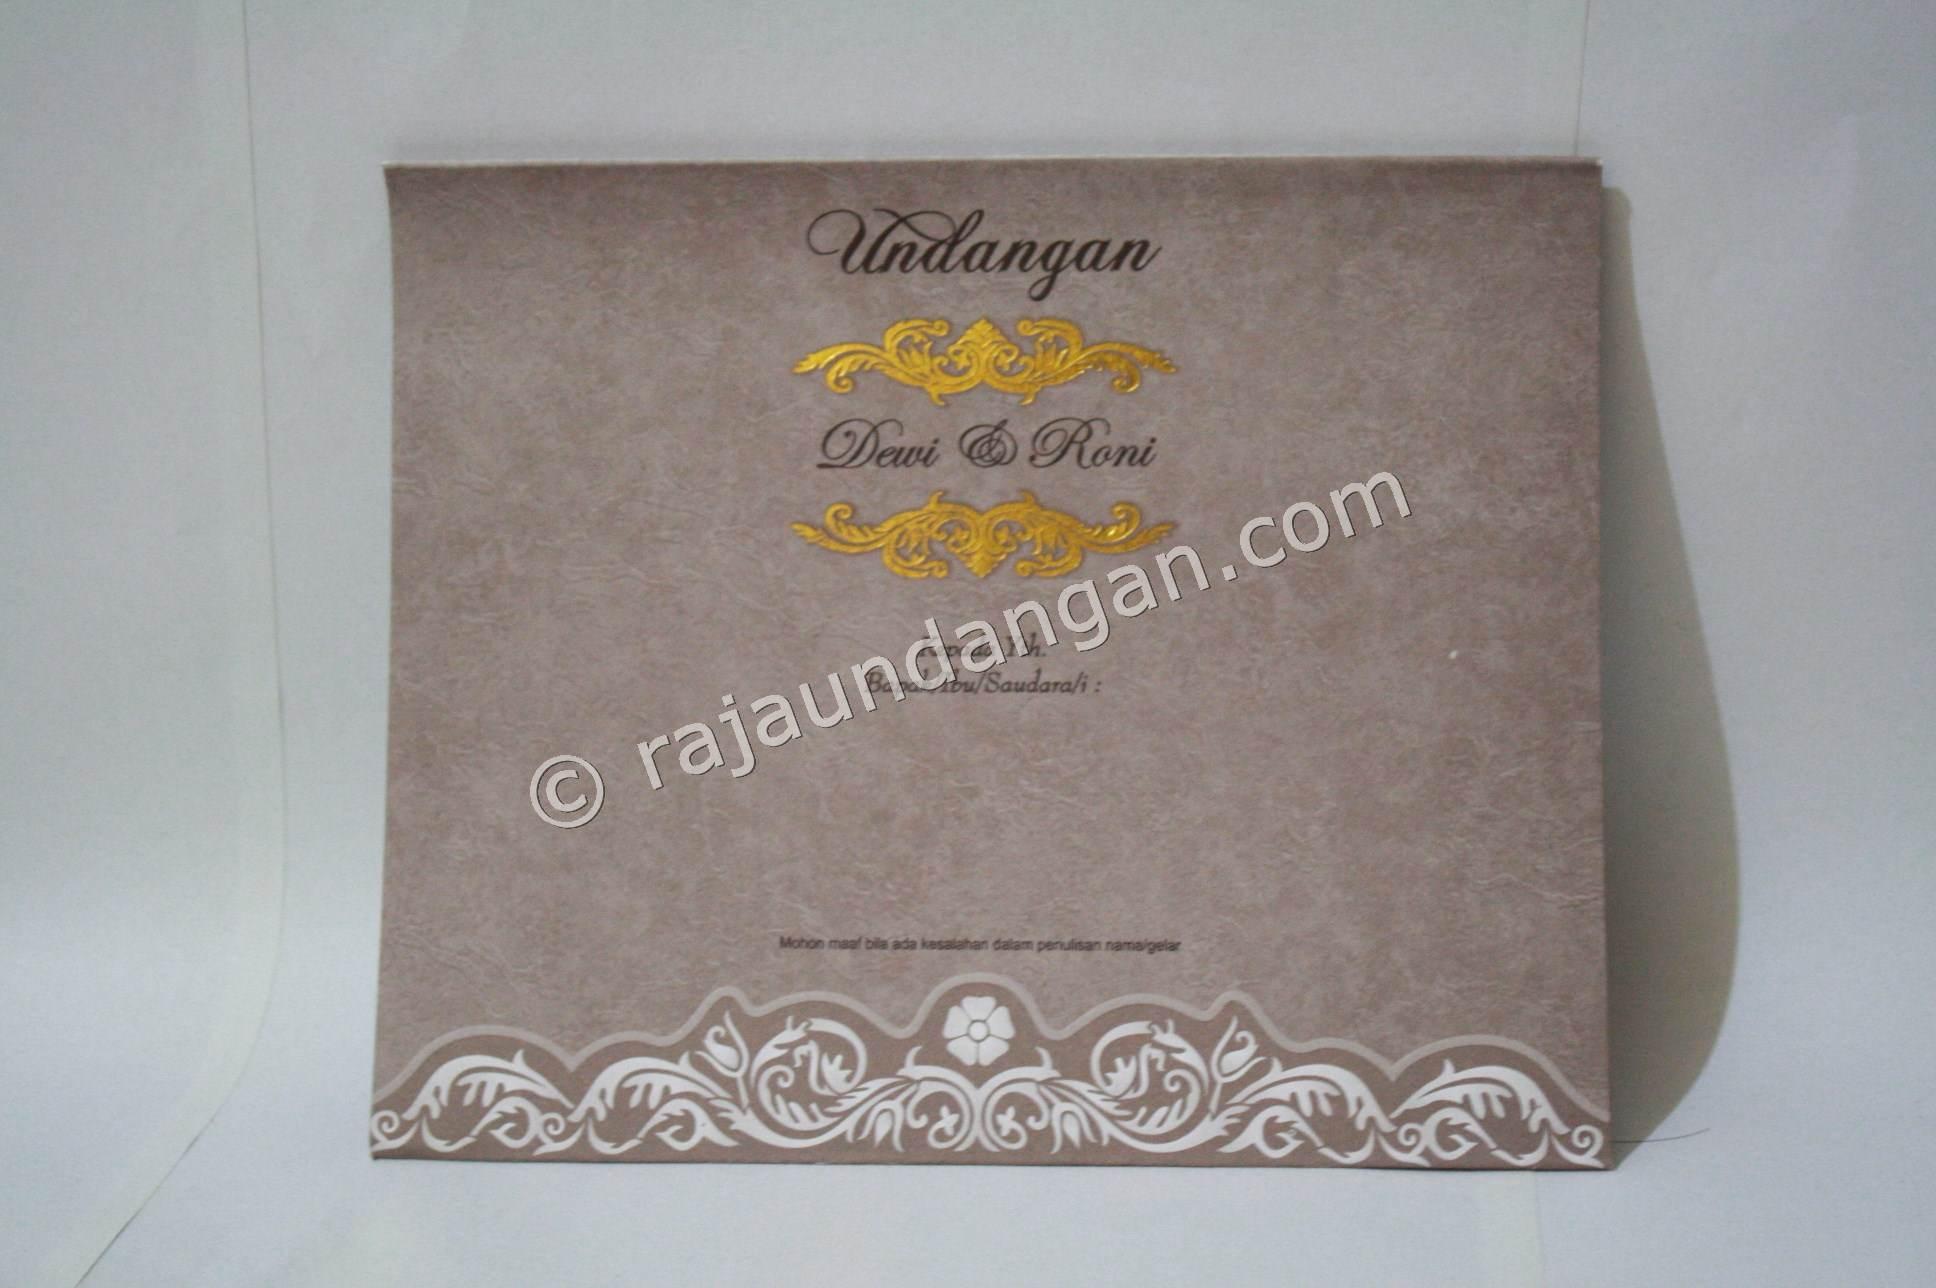 Undangan Pernikahan Hardcover Softcover Sebagian Portal